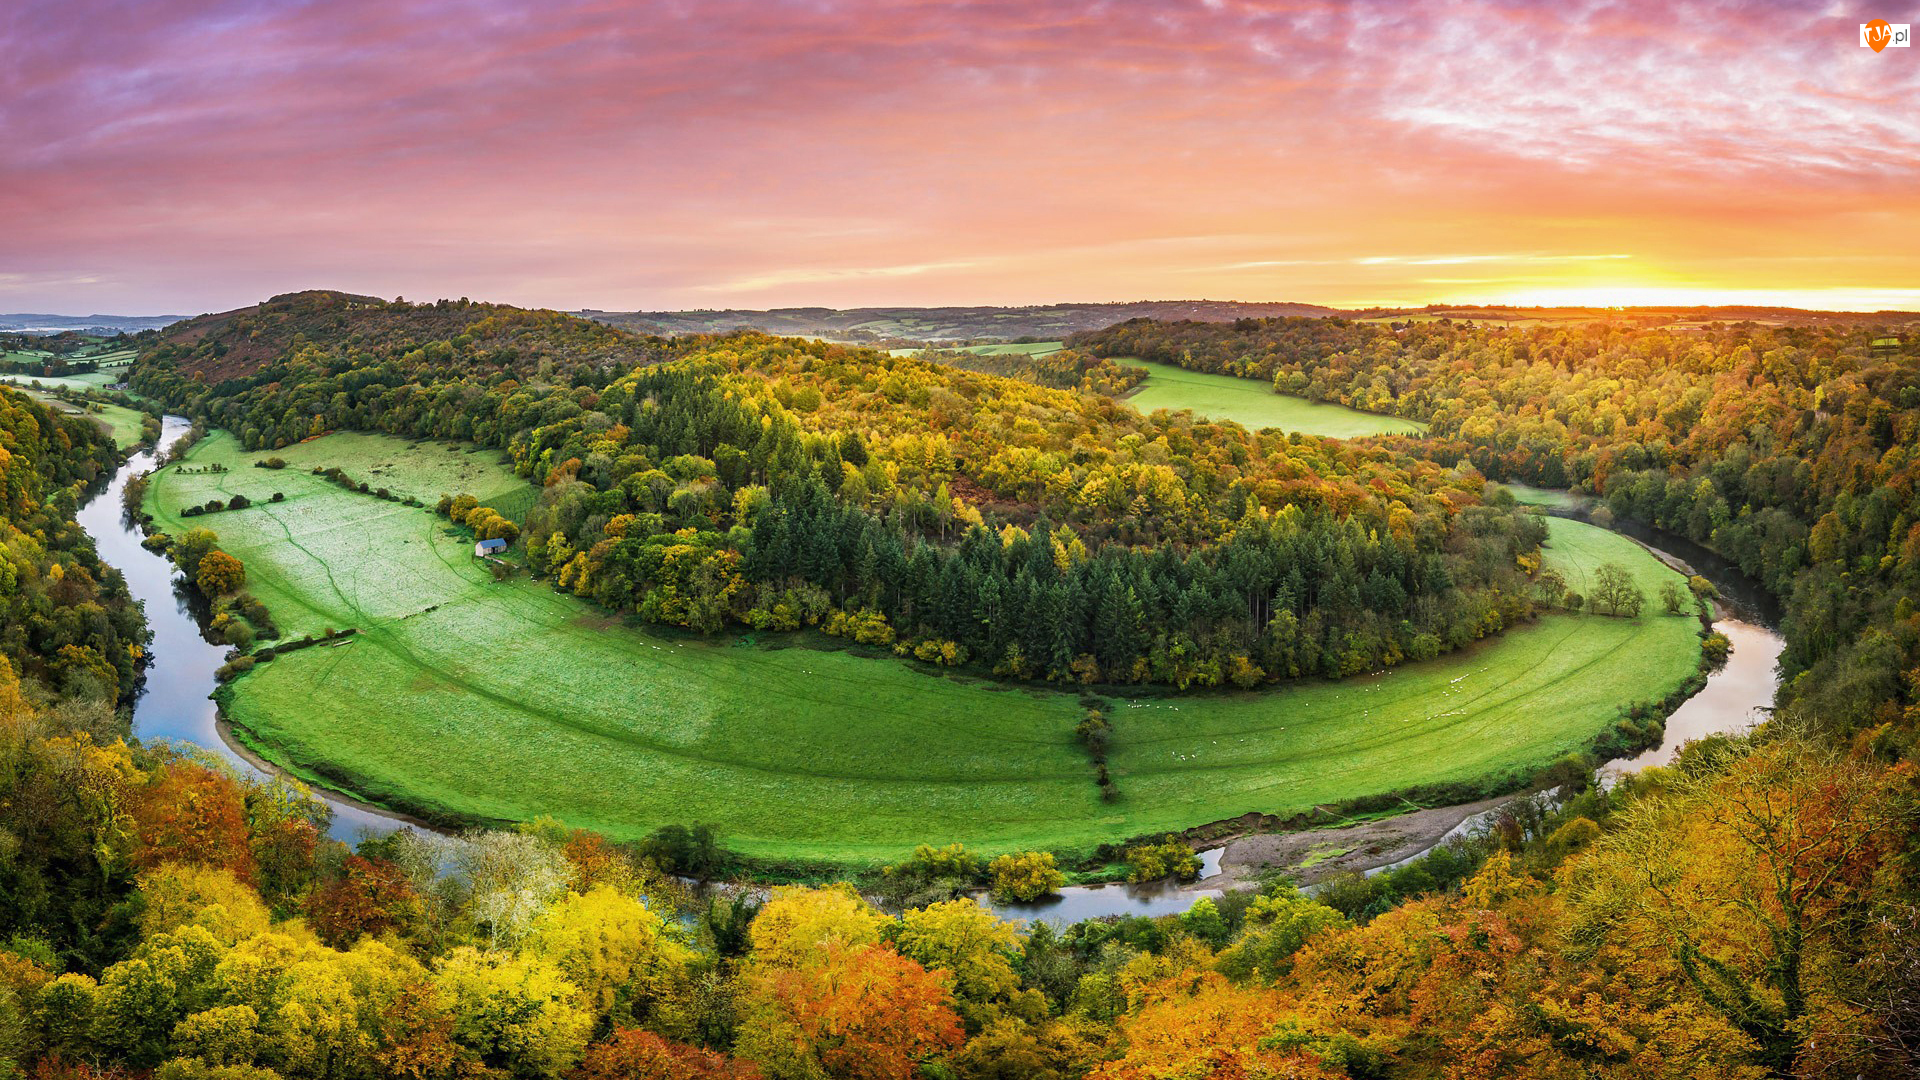 Wschód słońca, Rzeka Wye, Lasy, Forest of Dean, Zakole, Jesień, Anglia, Drzewa